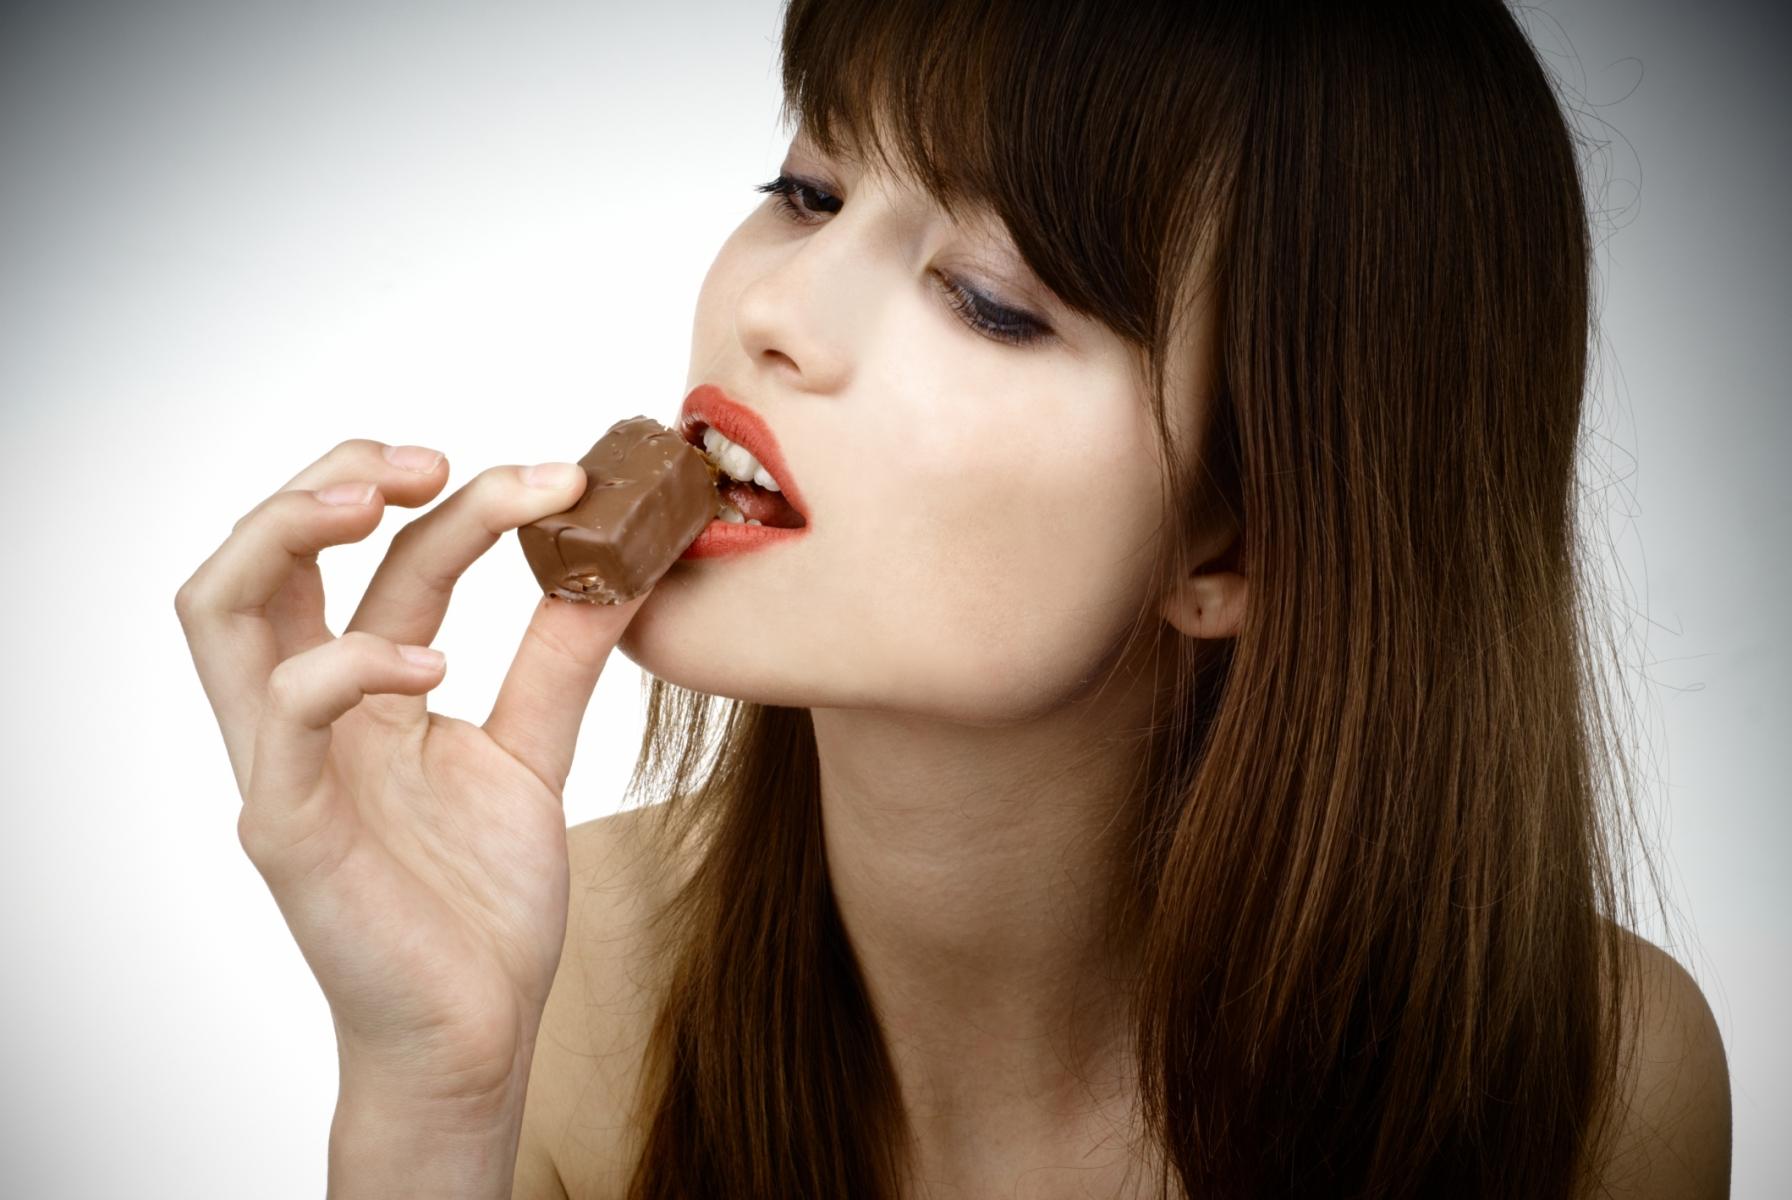 chocolate para eliminar el dolor menstrual